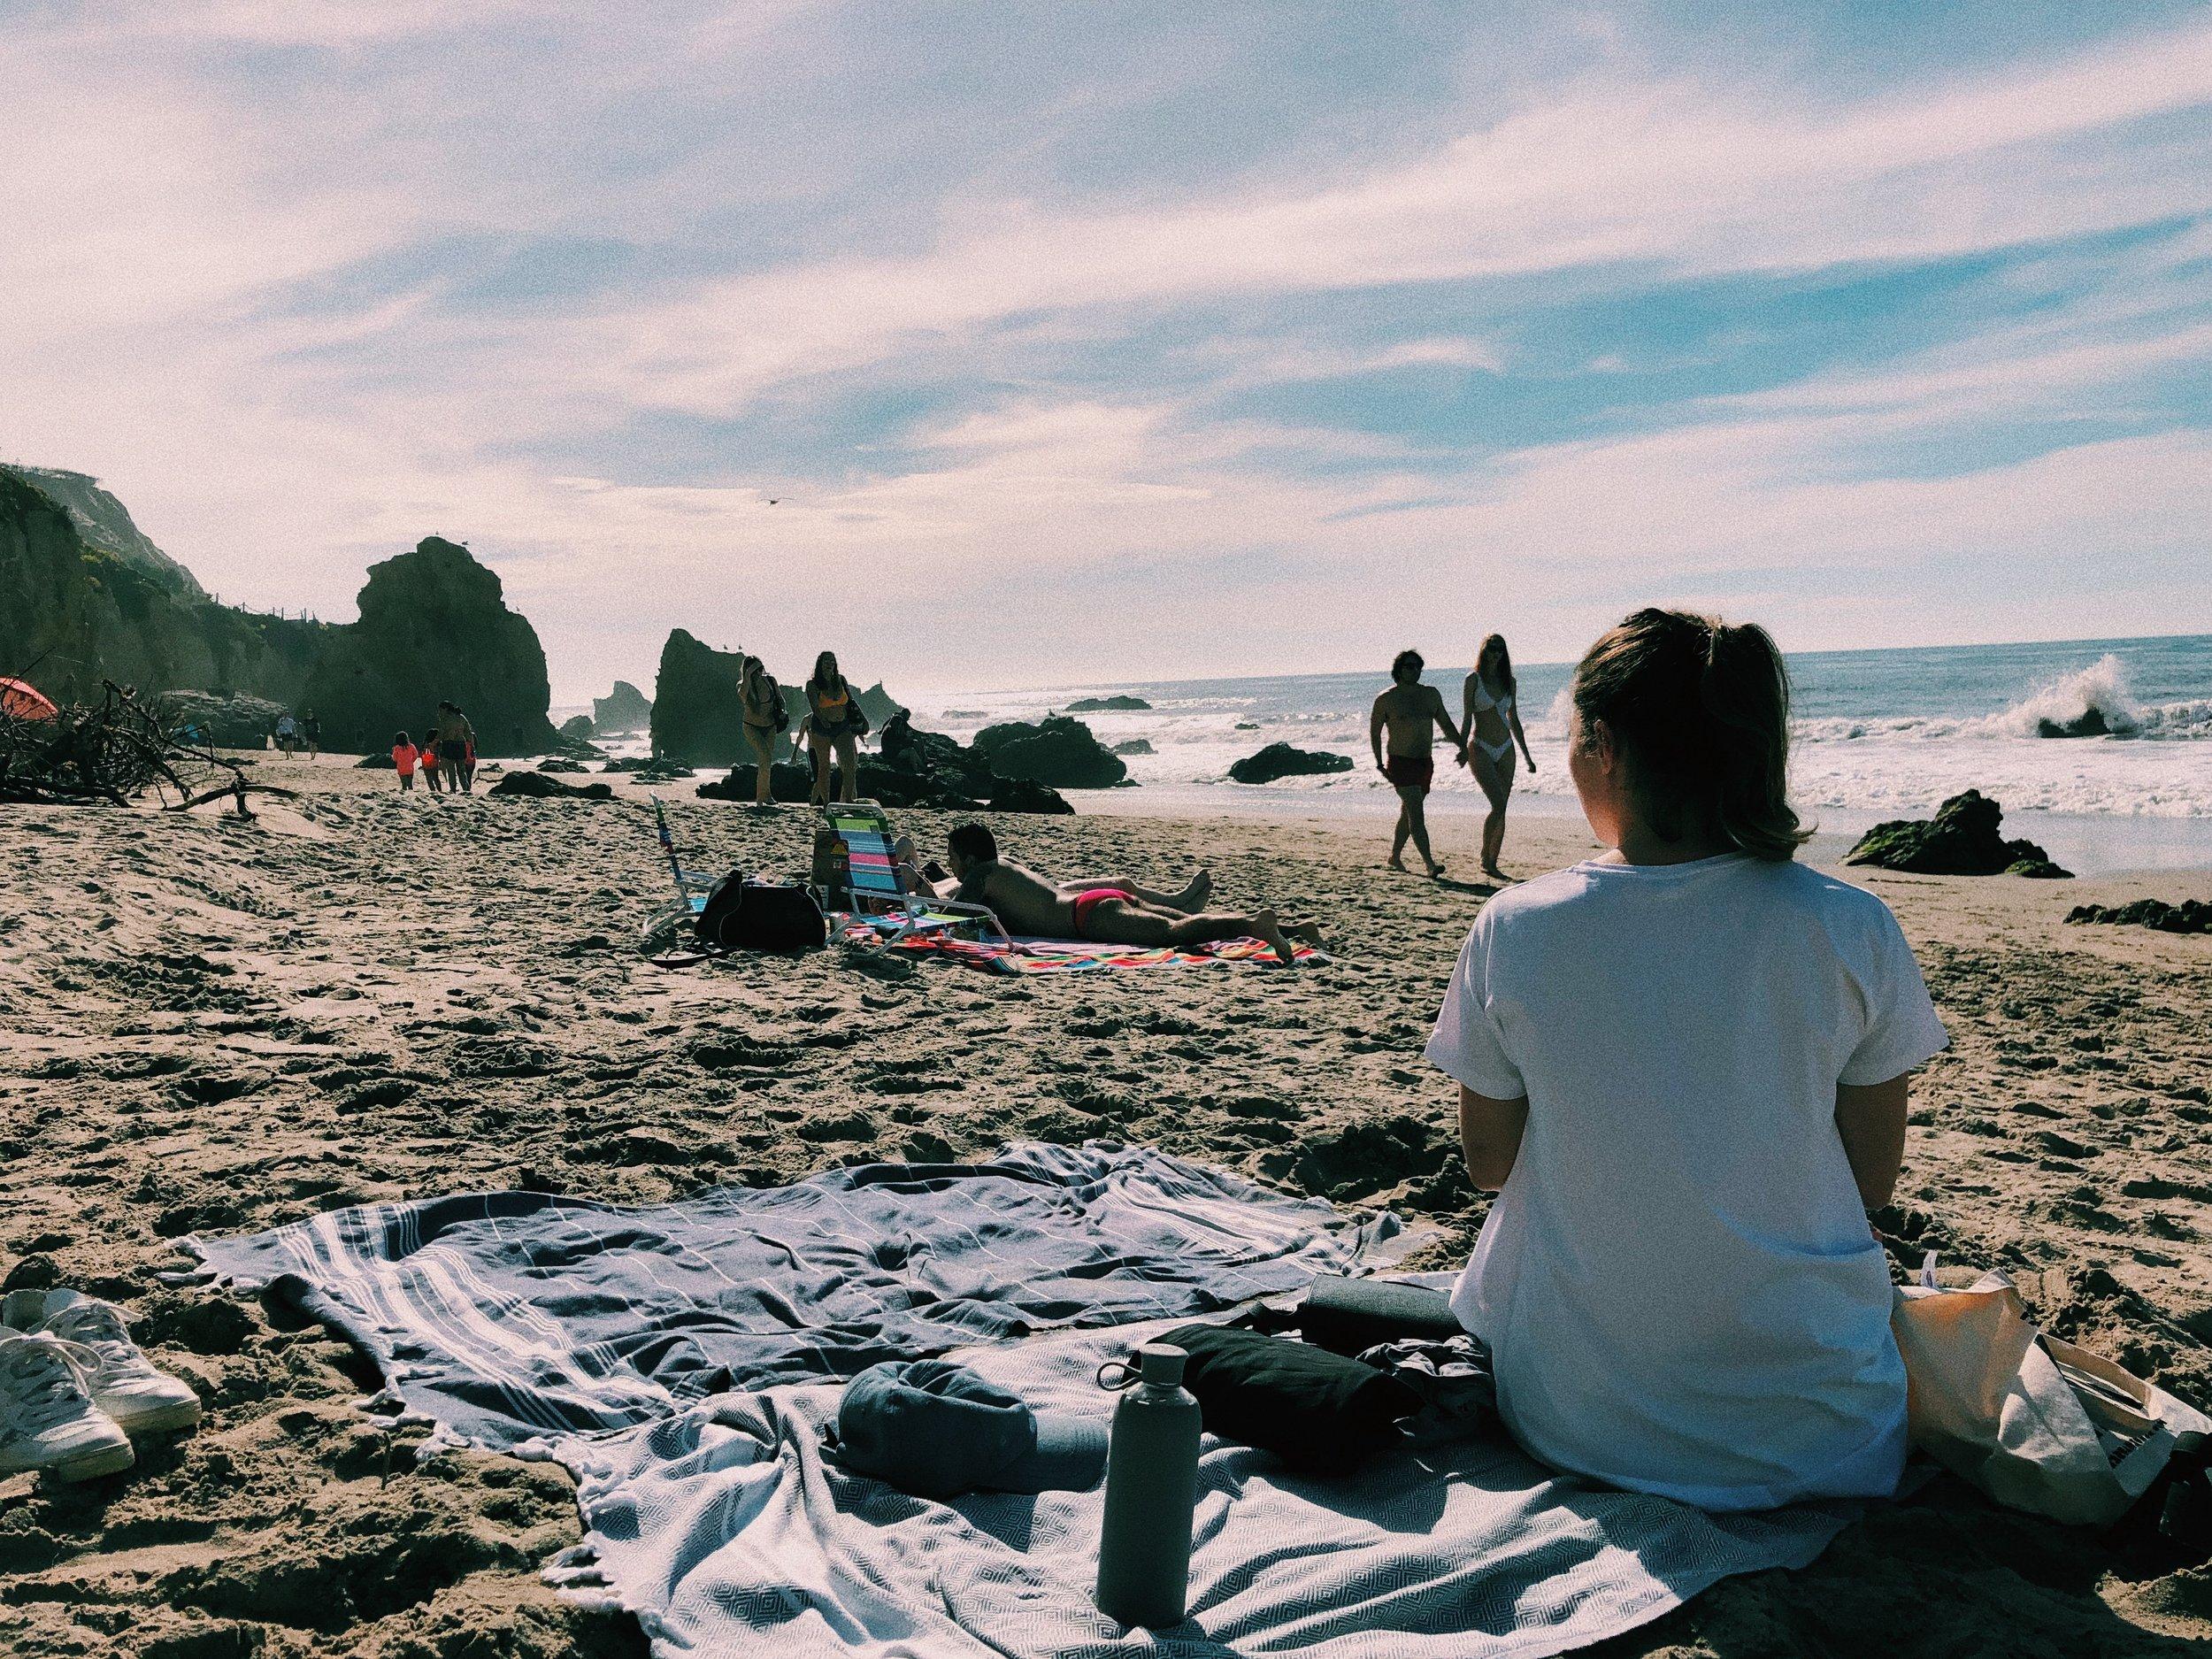 Day 6 –Malibu - Easy like sunday morning